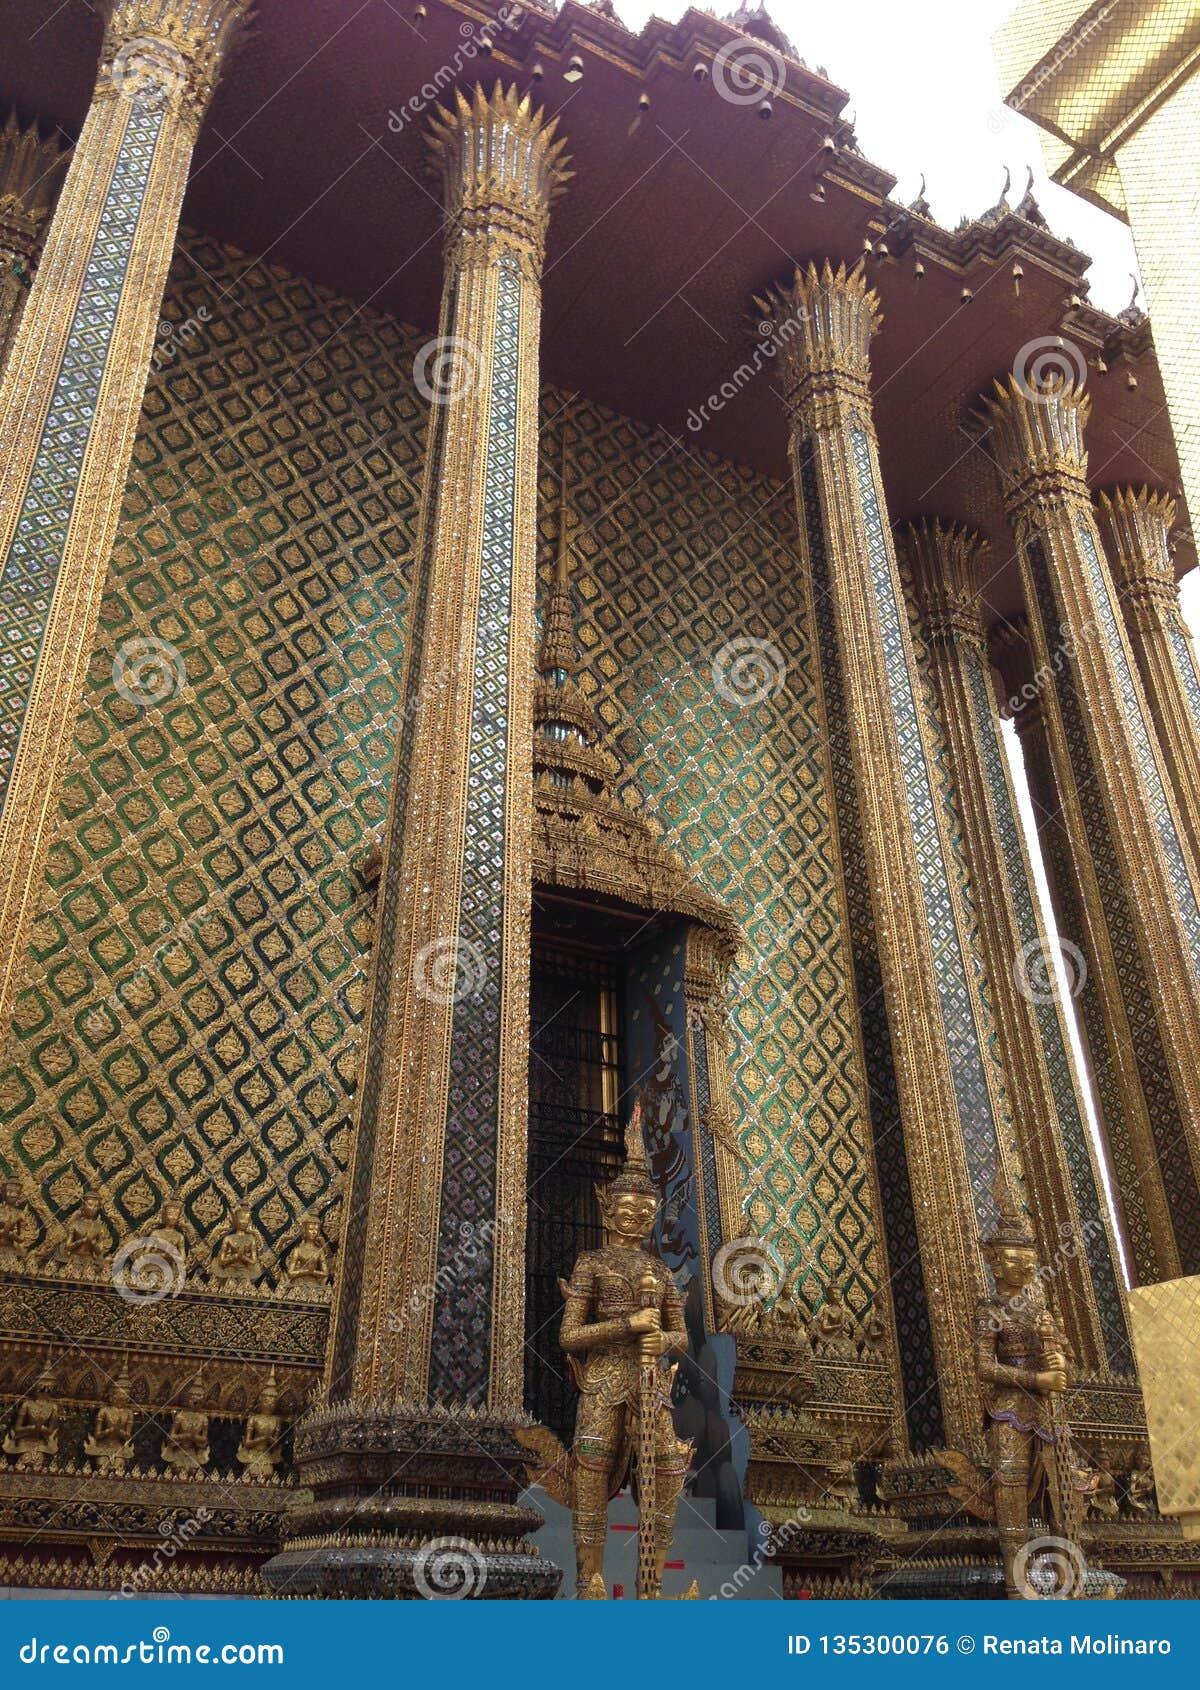 Golden statue at Wat Phra Kaew in Bangkok